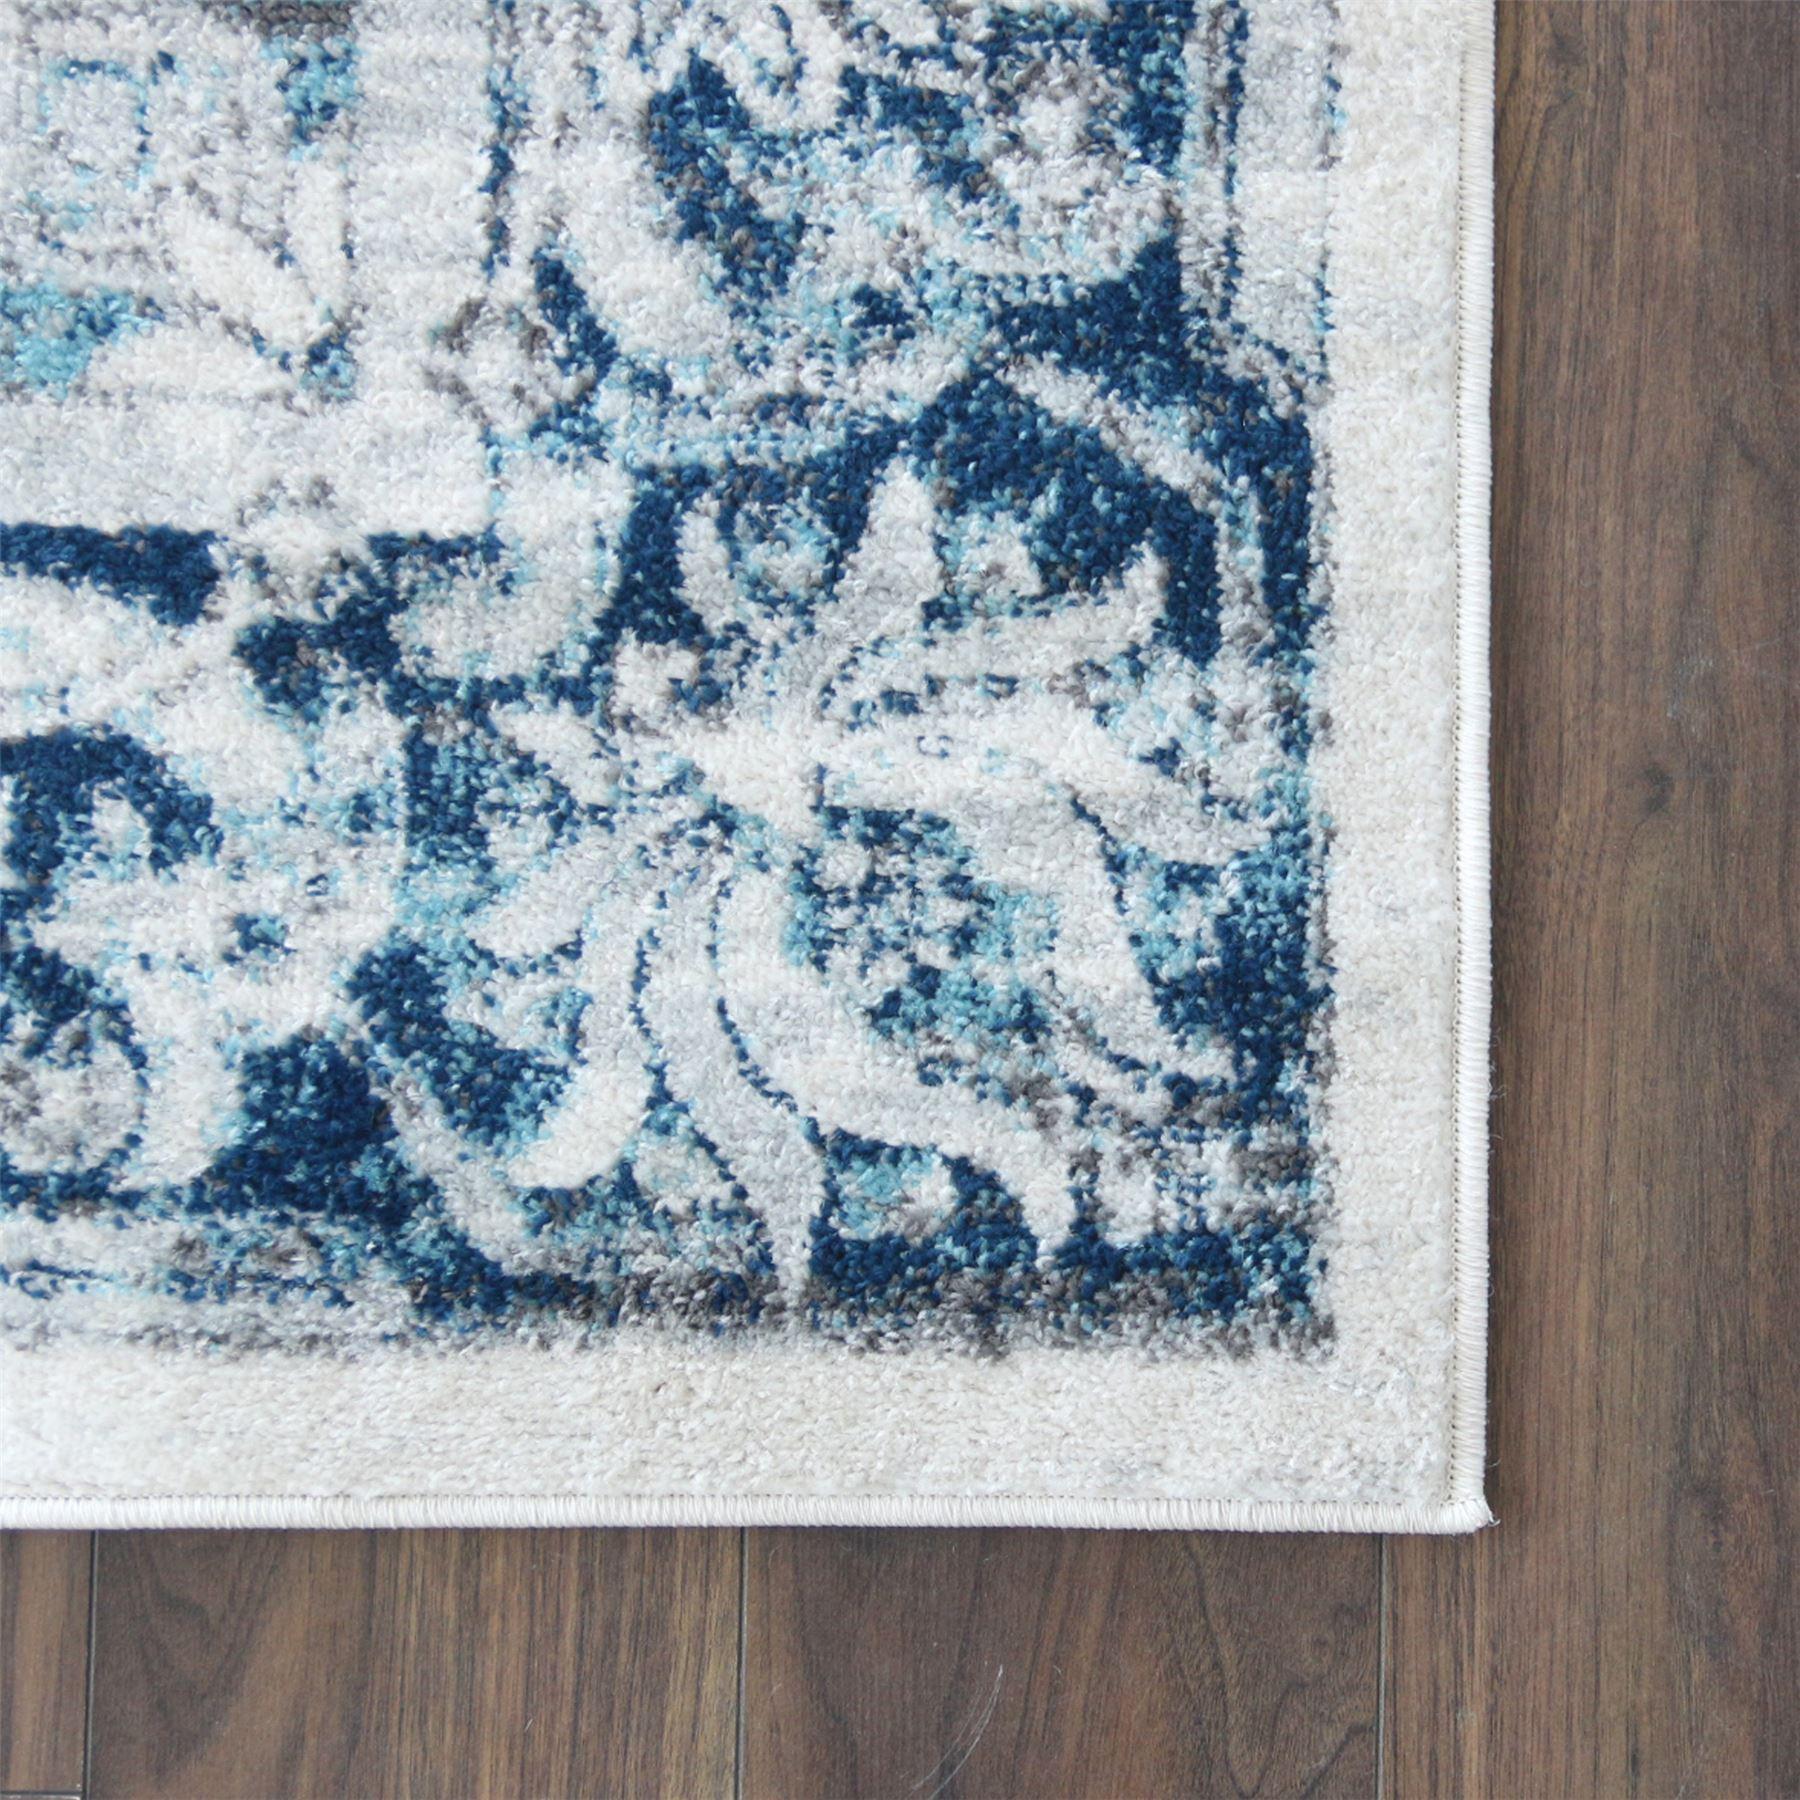 Crema-Tappeto-Oriental-Design-Tappeti-Persiani-salotto-TAPPETINI-tappeti-orientali miniatura 5